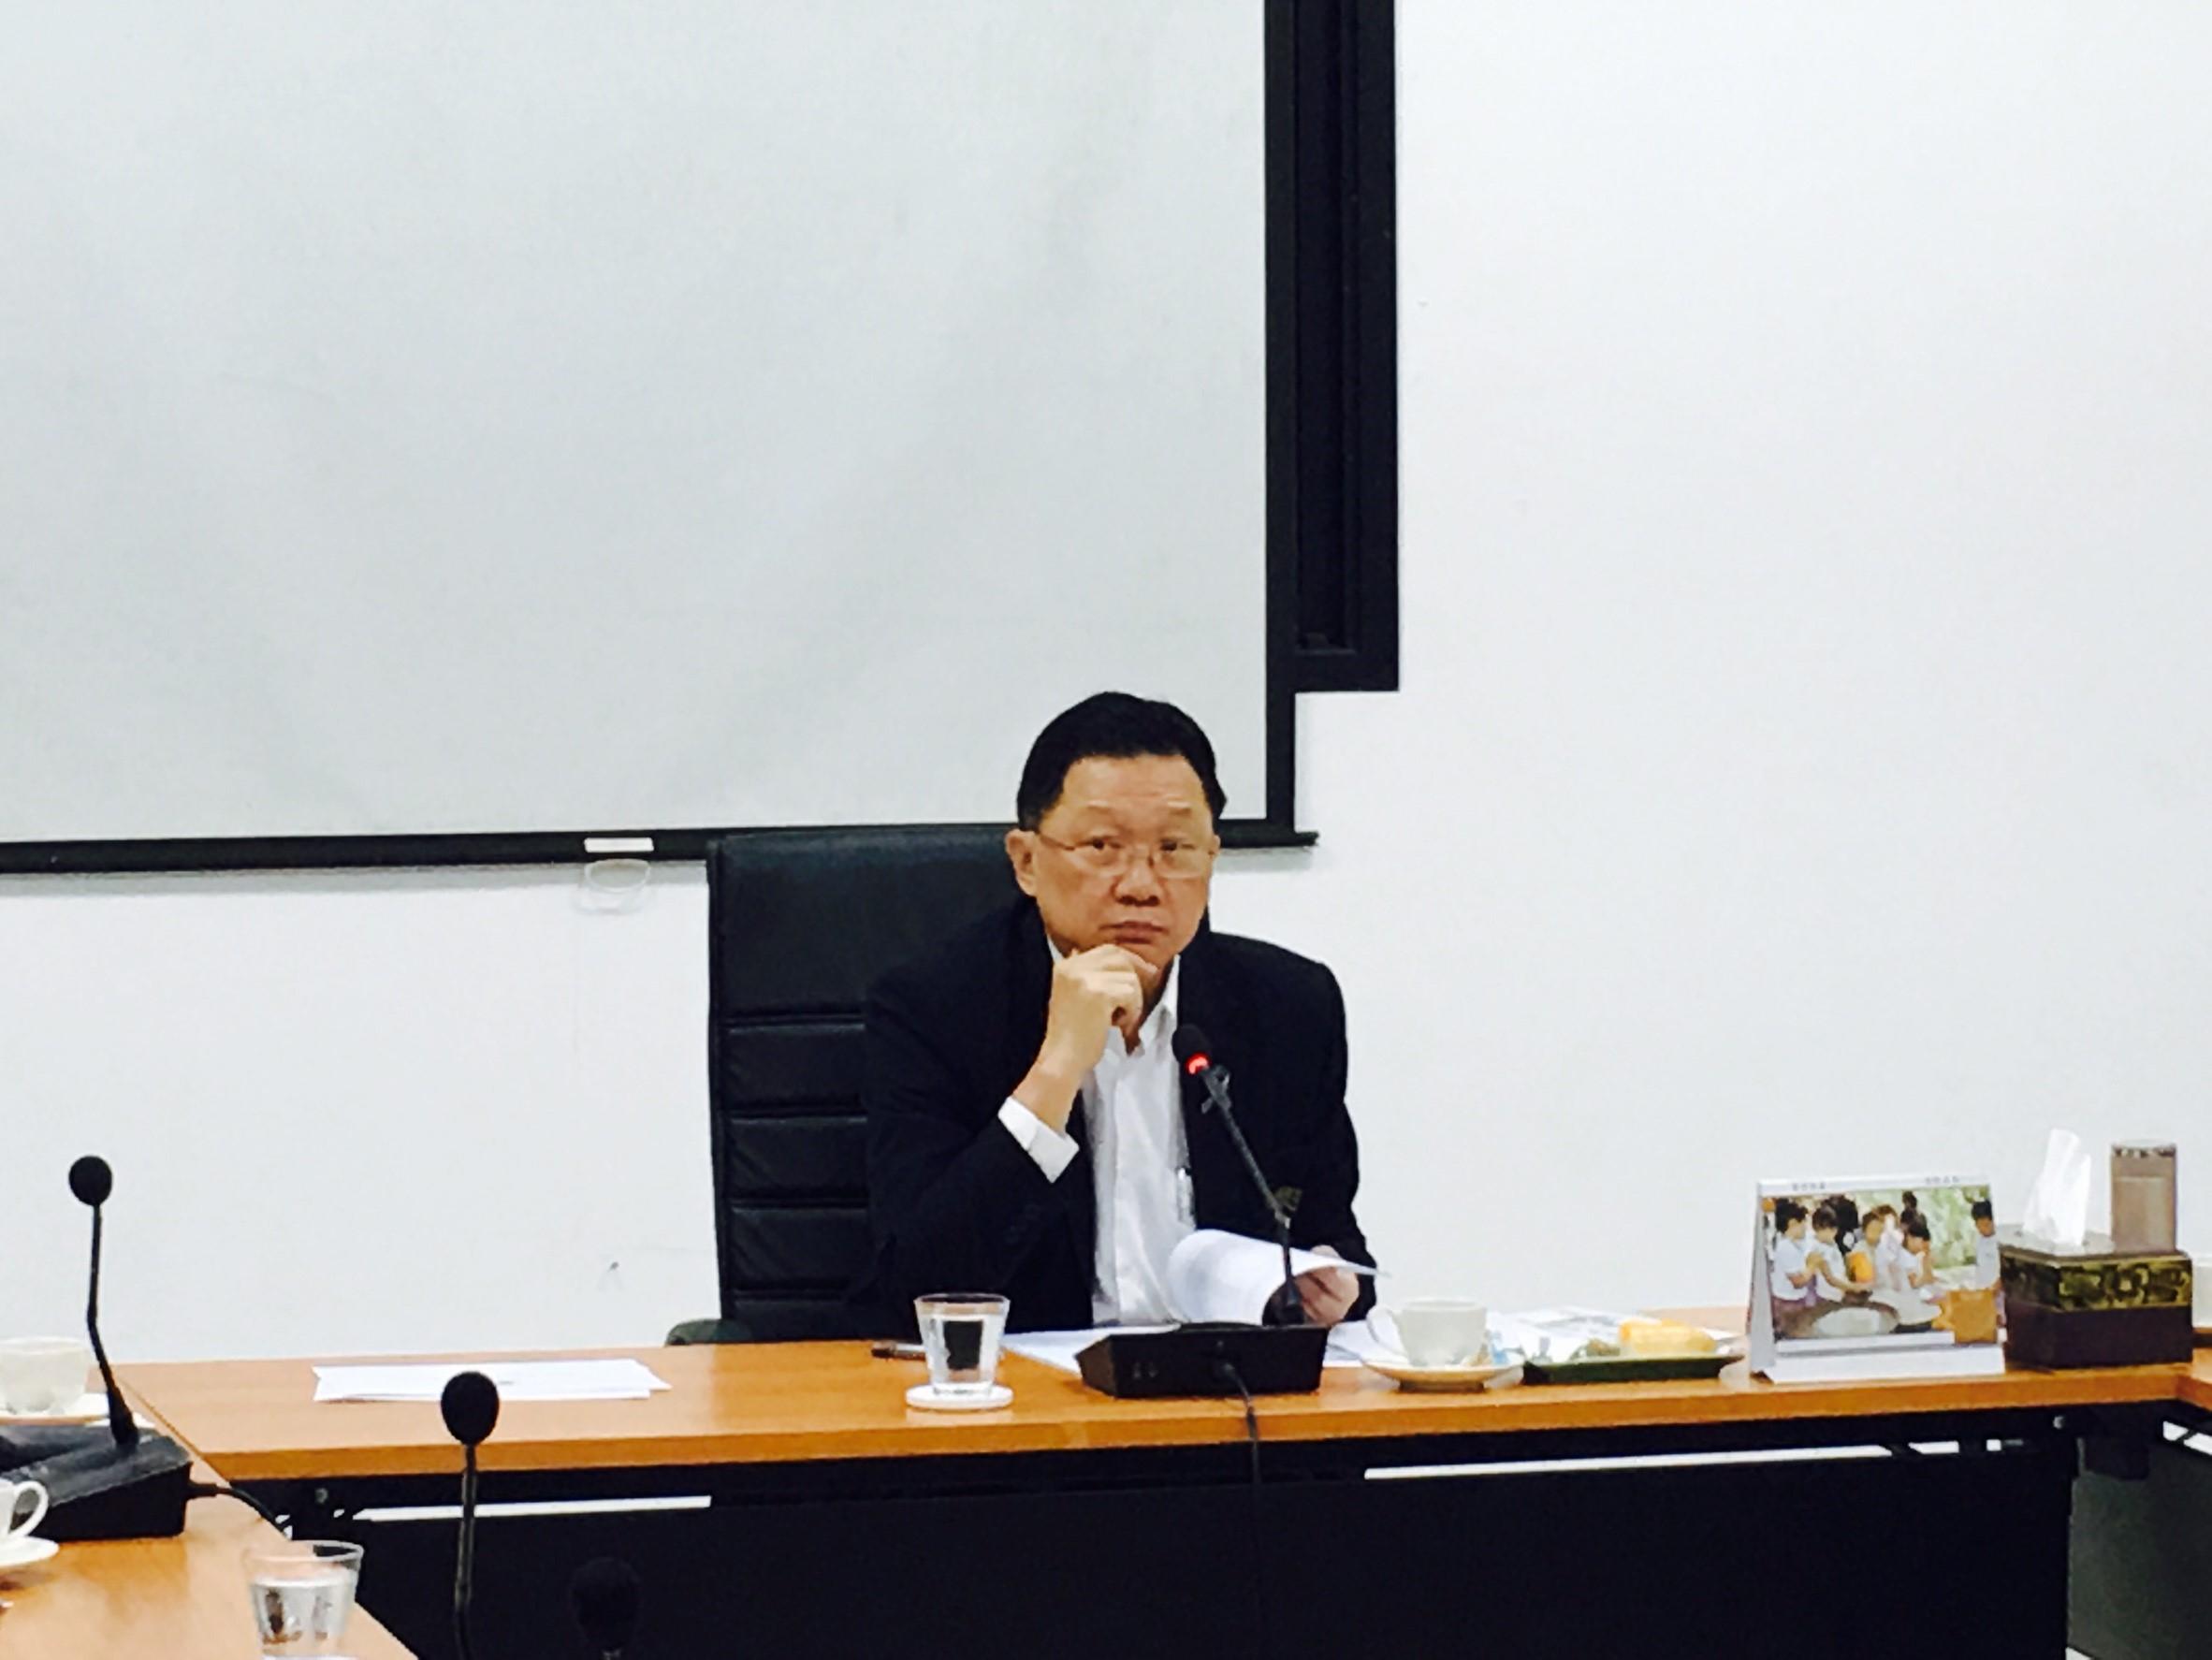 การประชุมเตรียมความพร้อมในการดำเนินโครงการส่งเสริมประเพณีลอยกระทง (ยี่เป็ง) ประจำปี พ.ศ. 2560